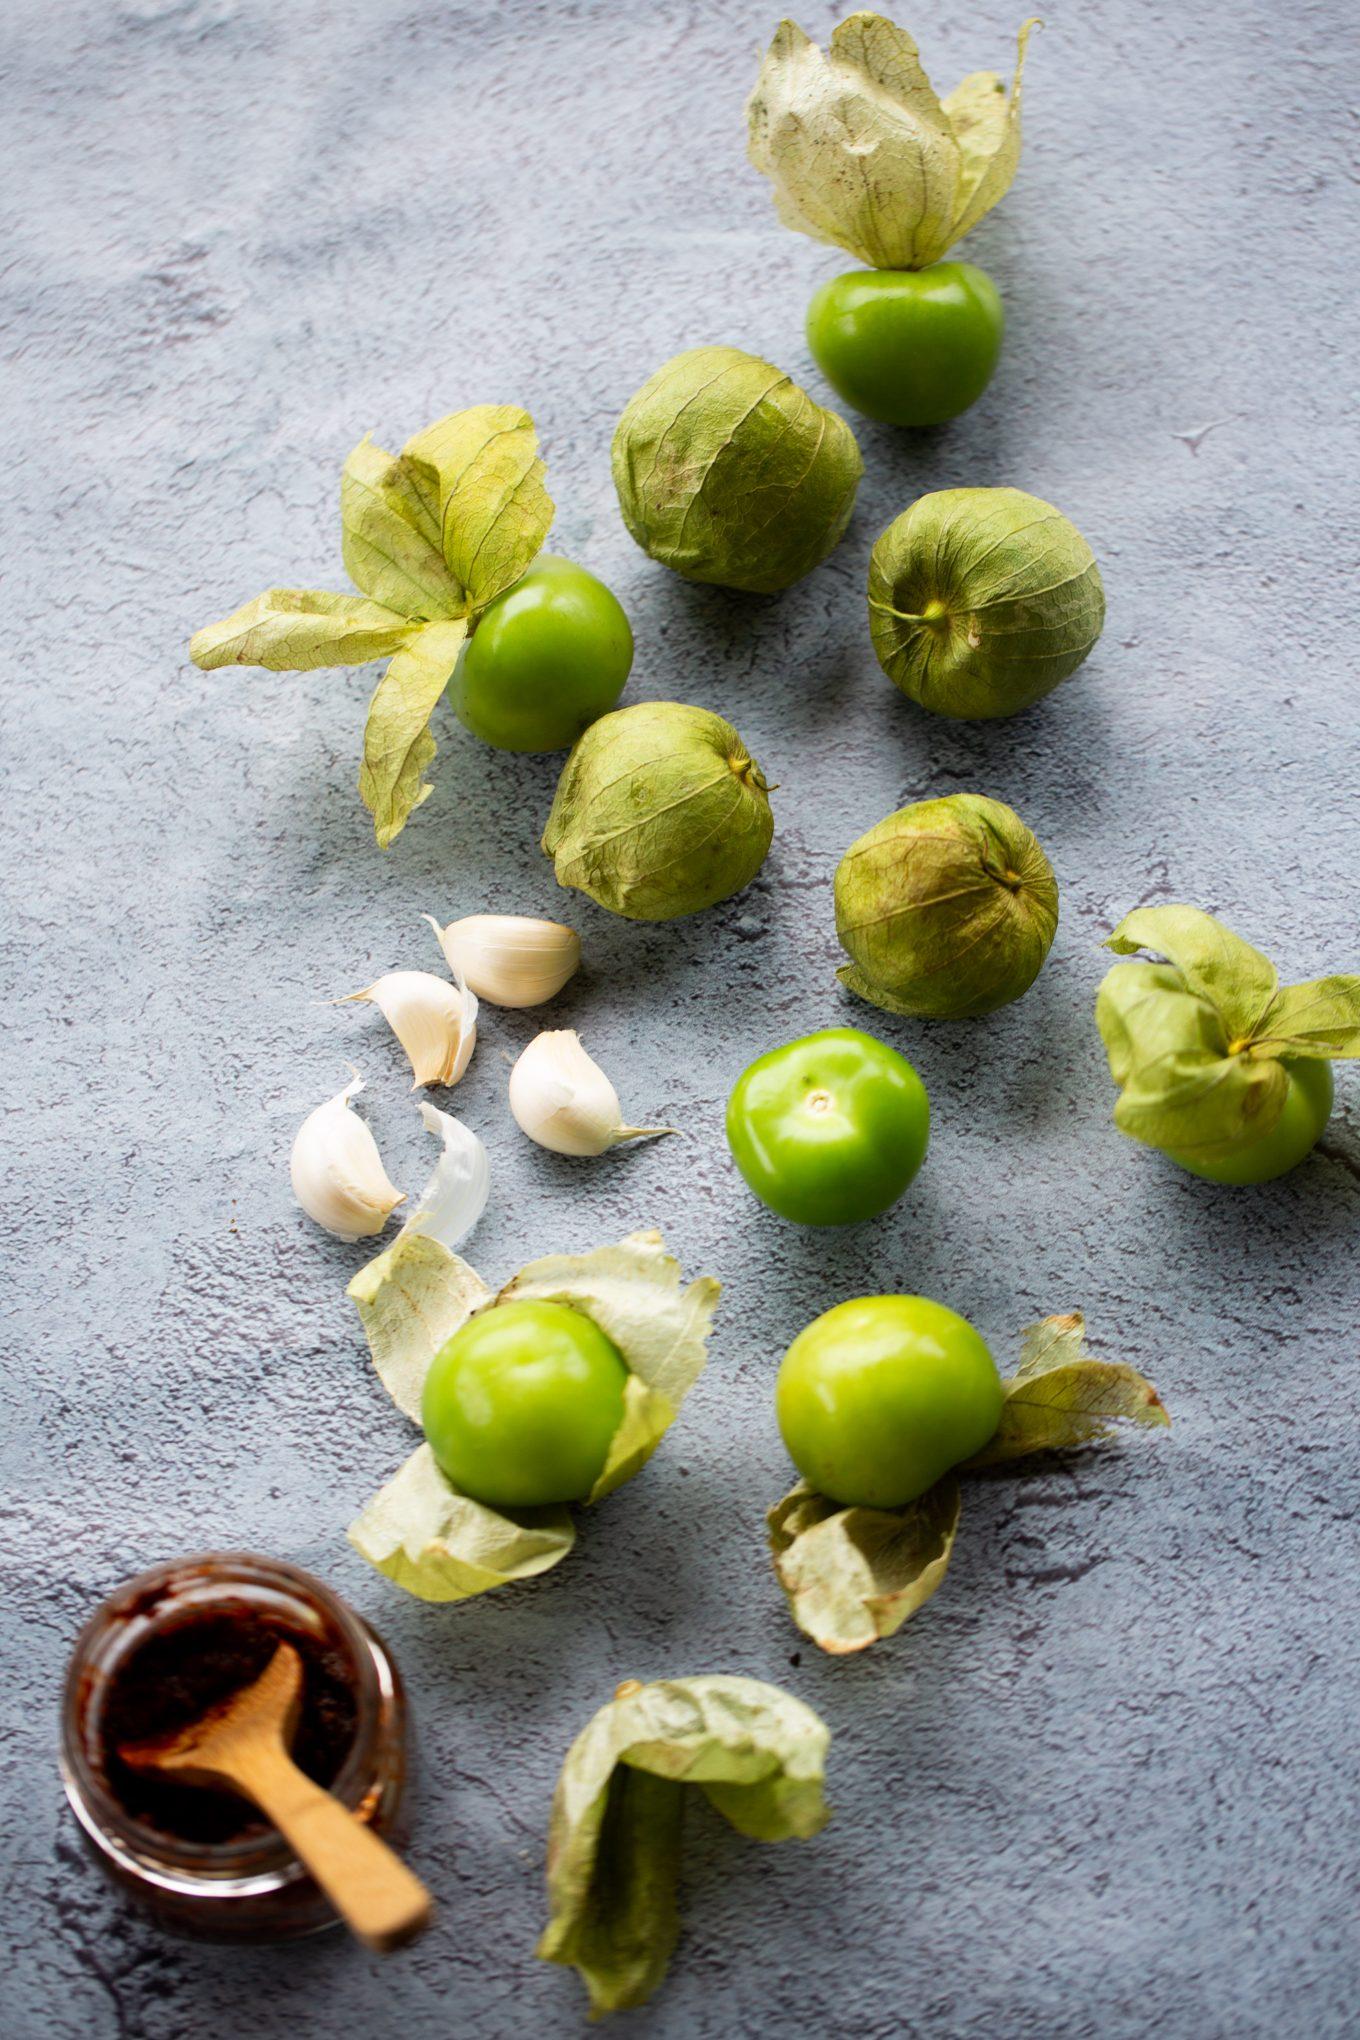 ingredientes para hacer salsa verde con chipotle